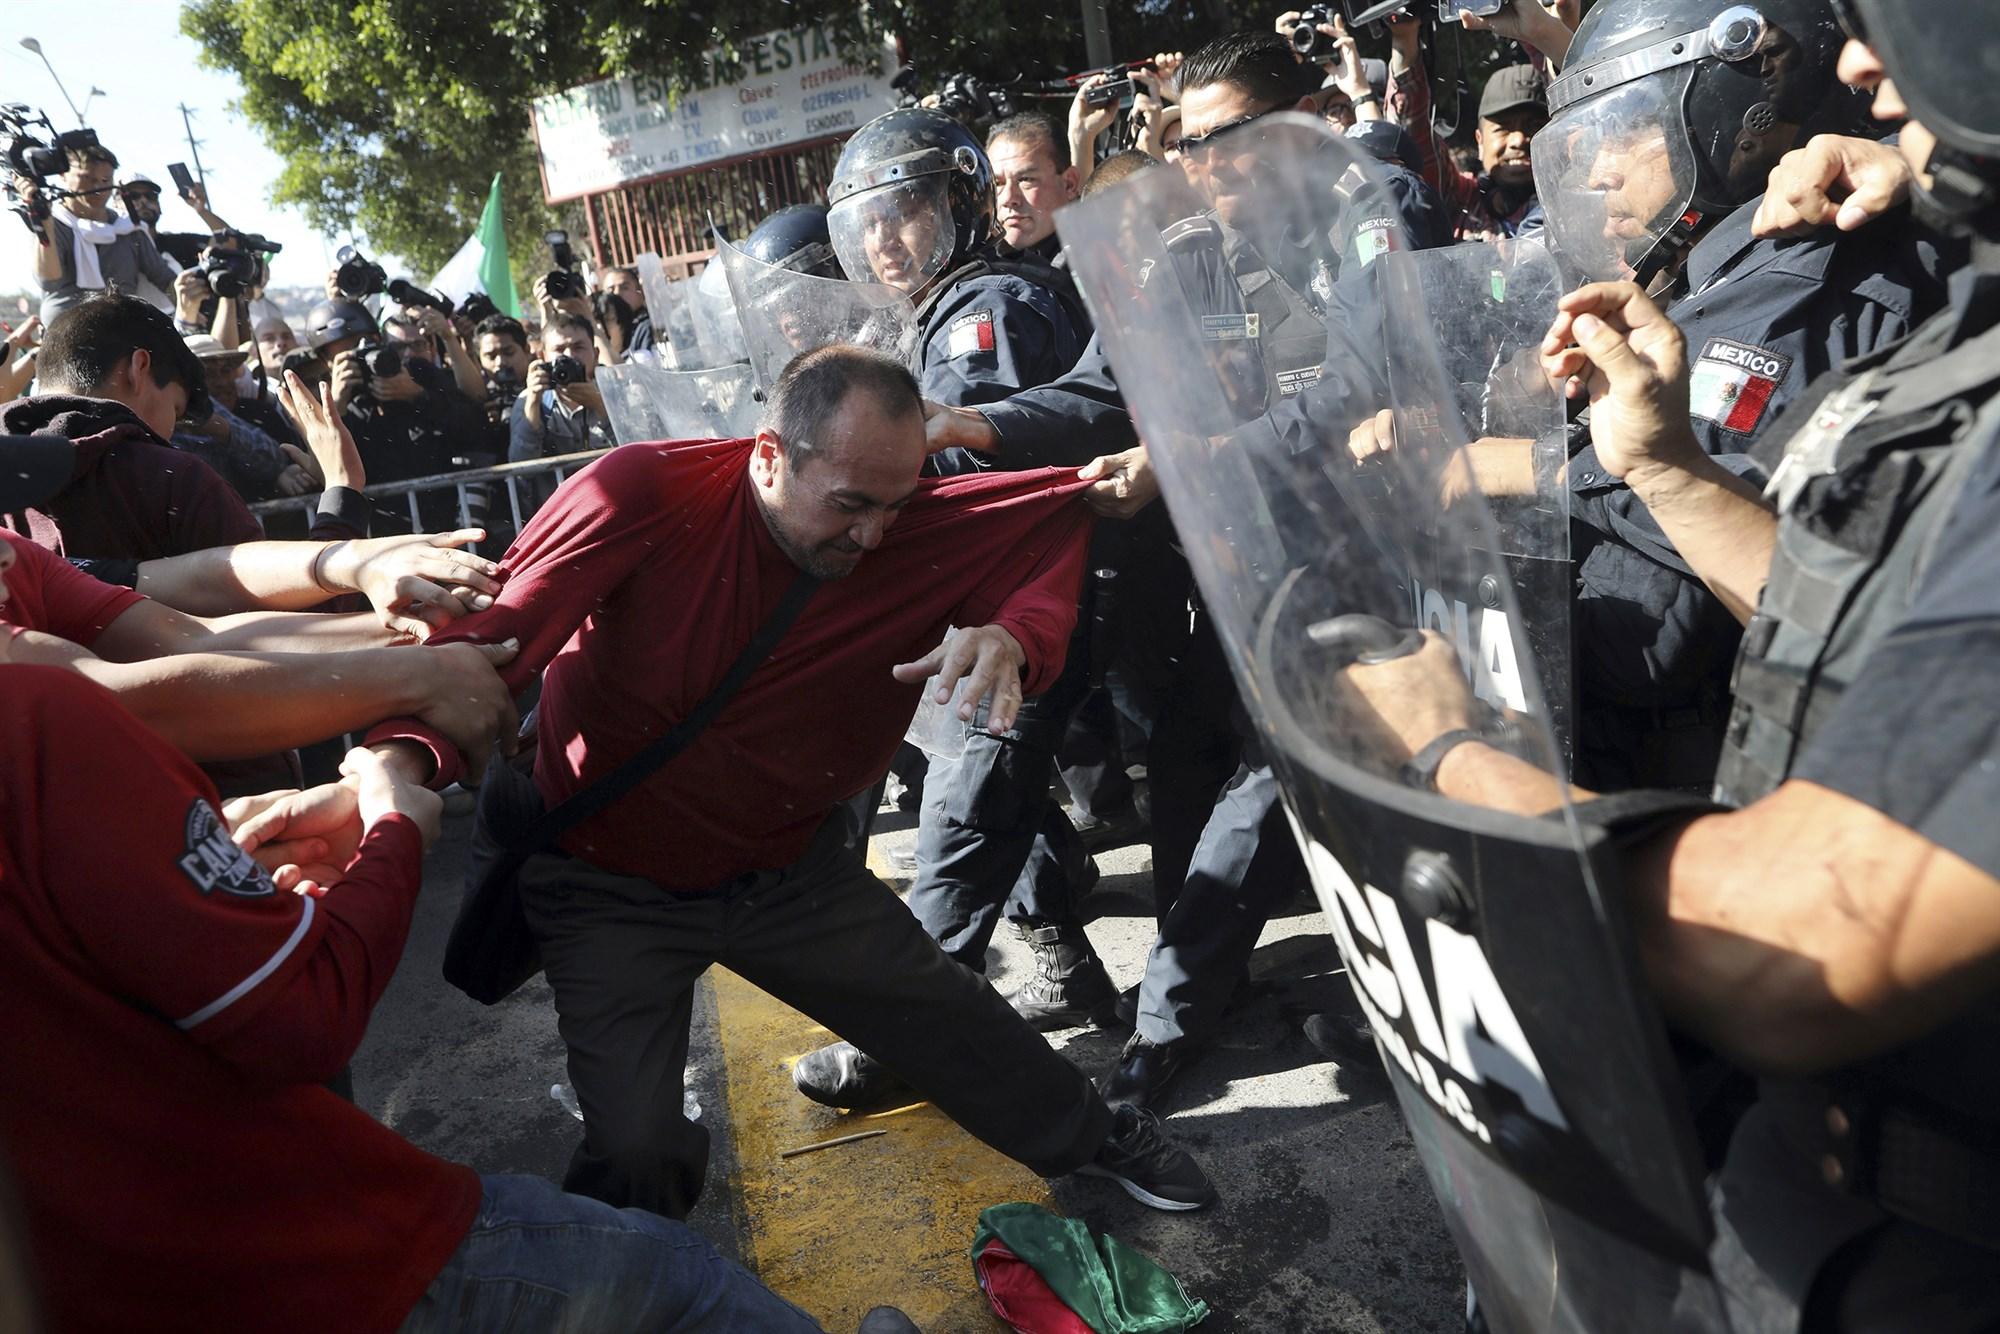 数千名移民滞留墨西哥 当地居民示威轰他们 quot;出去 quot;